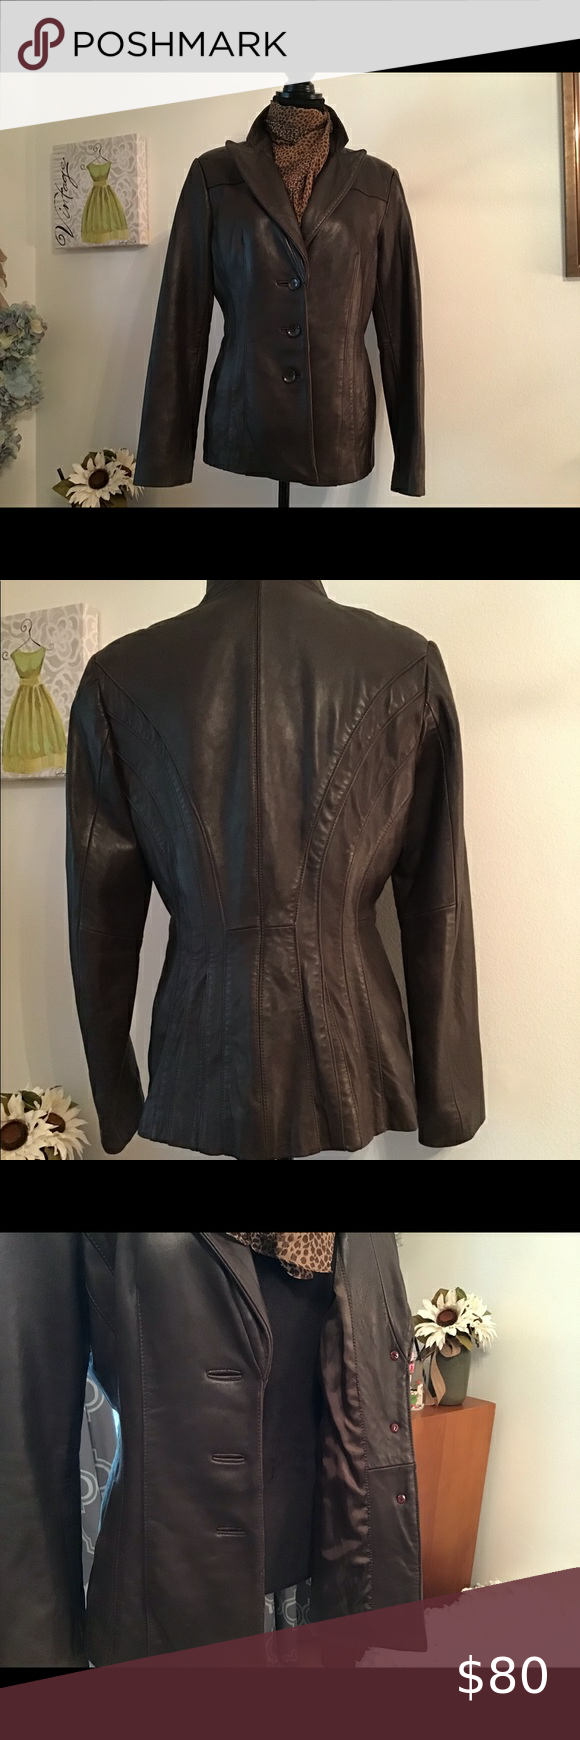 Jones New York Leather Jacket Leather Jacket Jones New York Jackets [ 1740 x 580 Pixel ]